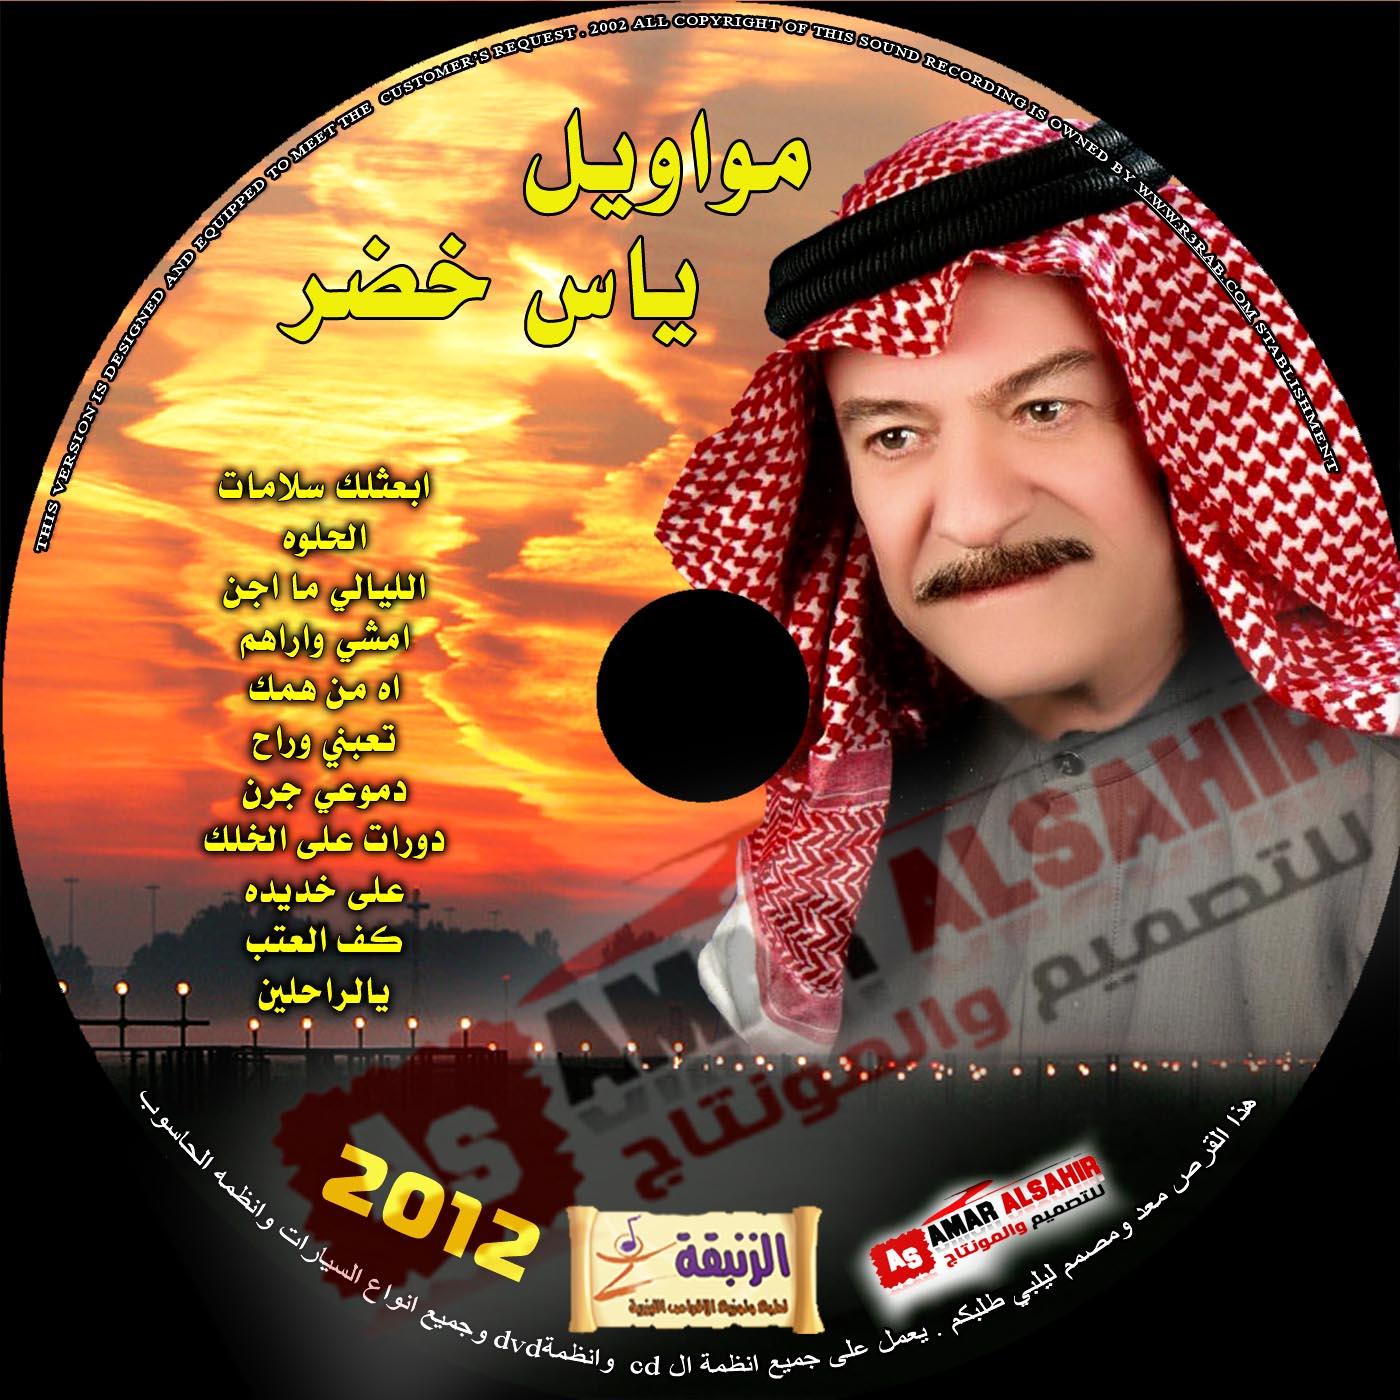 تنزيل اغاني عراقية مجانا Gmk One جنرال ميوزك كيبورد General Music Keyboard Set